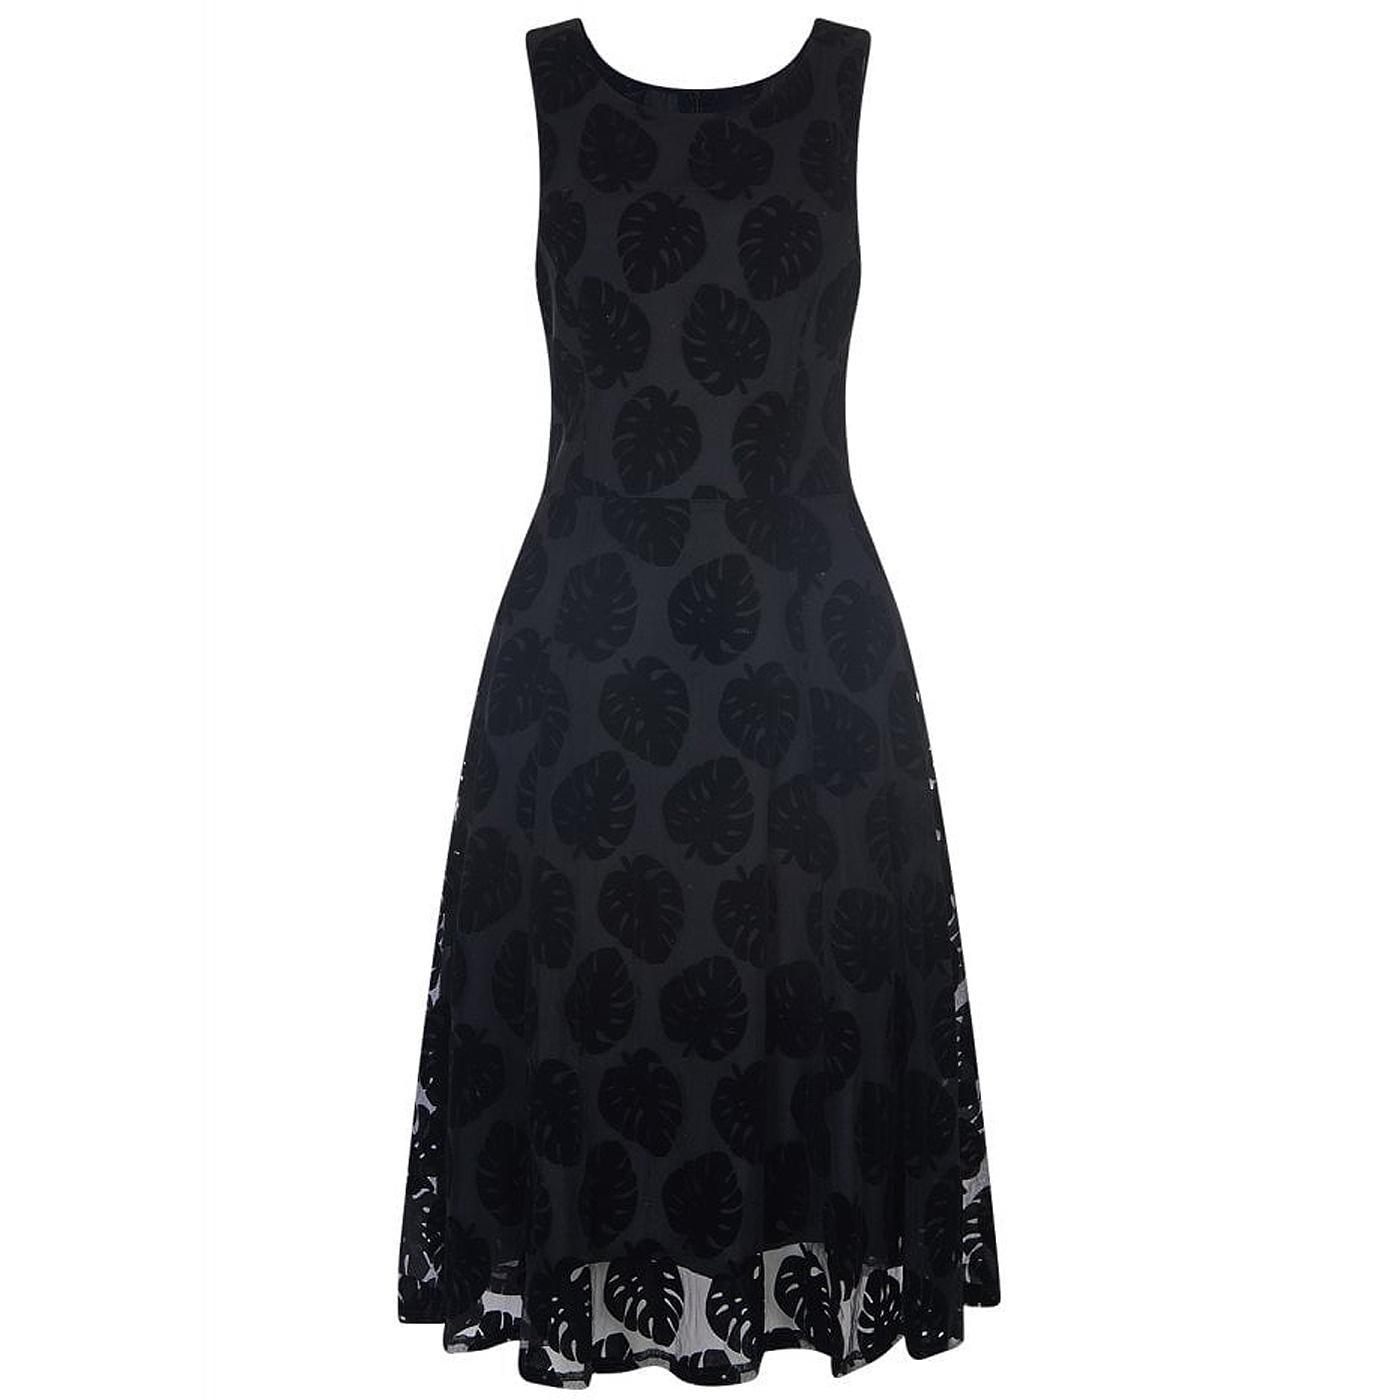 Sandy BRIGHT & BEAUTIFUL Vintage Devoré Dress